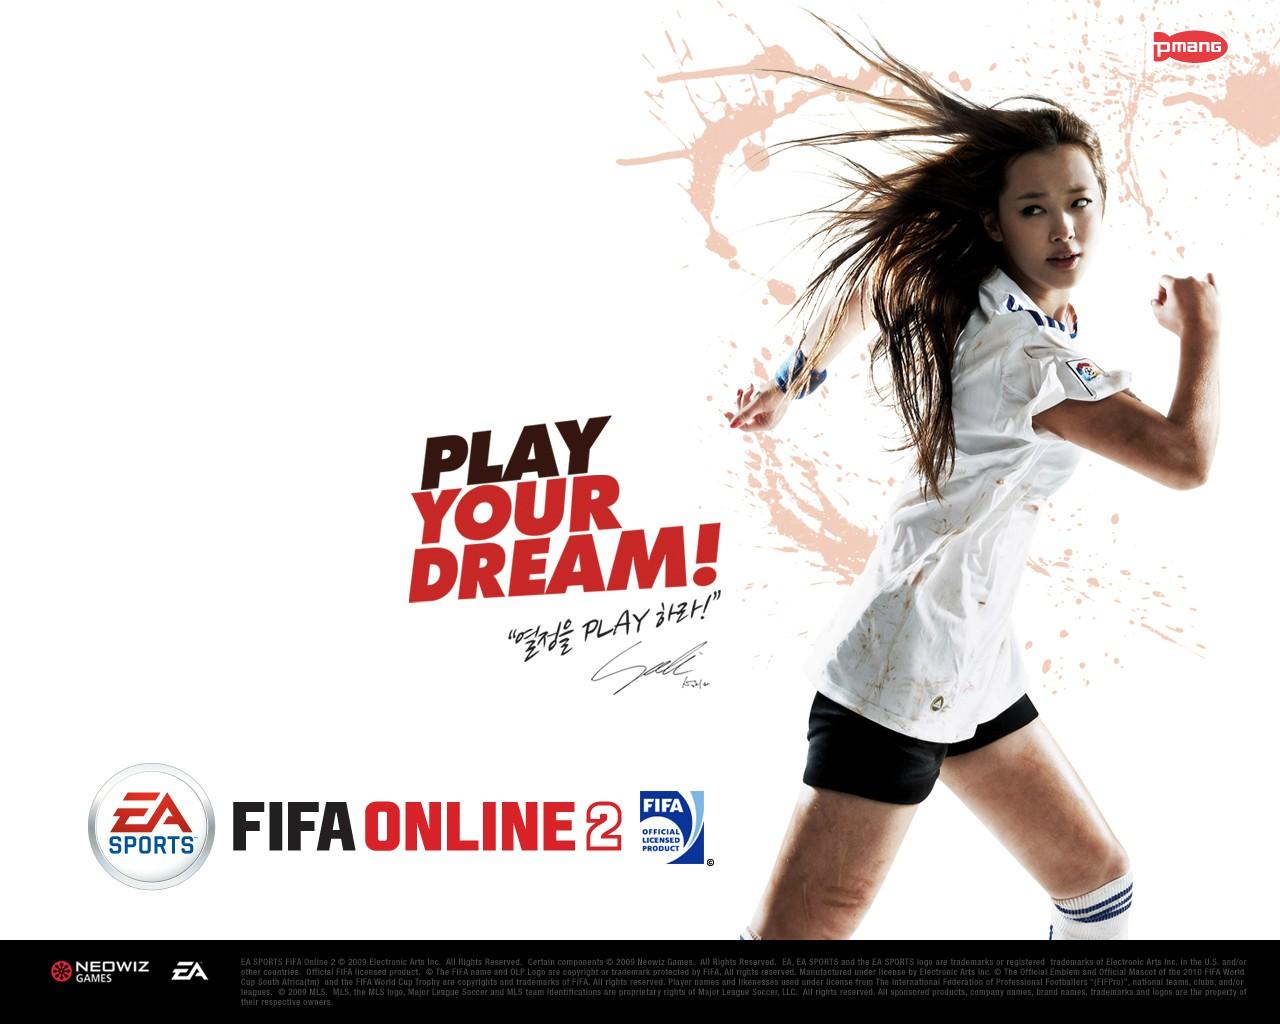 http://2.bp.blogspot.com/-4Xj7tlf3xBg/TeY2oJl0JtI/AAAAAAAAINA/o2lUASL2JGQ/s1600/f%2528x%2529+Sulli+FIFA+Online+2+1280x1024.jpg